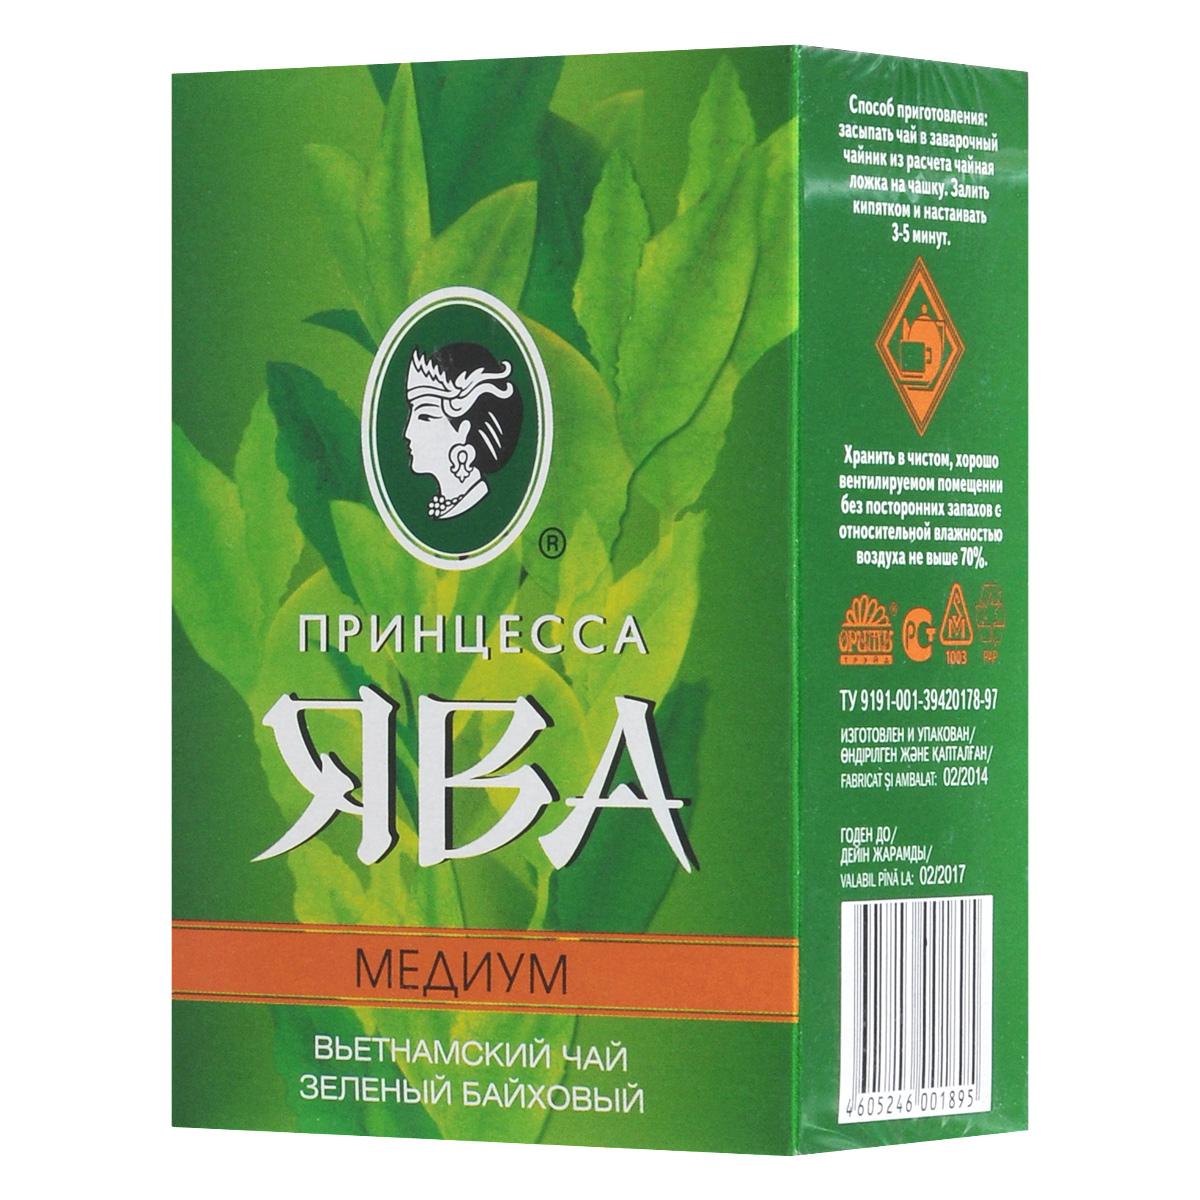 Принцесса Ява Медиум зеленый чай листовой, 100 г